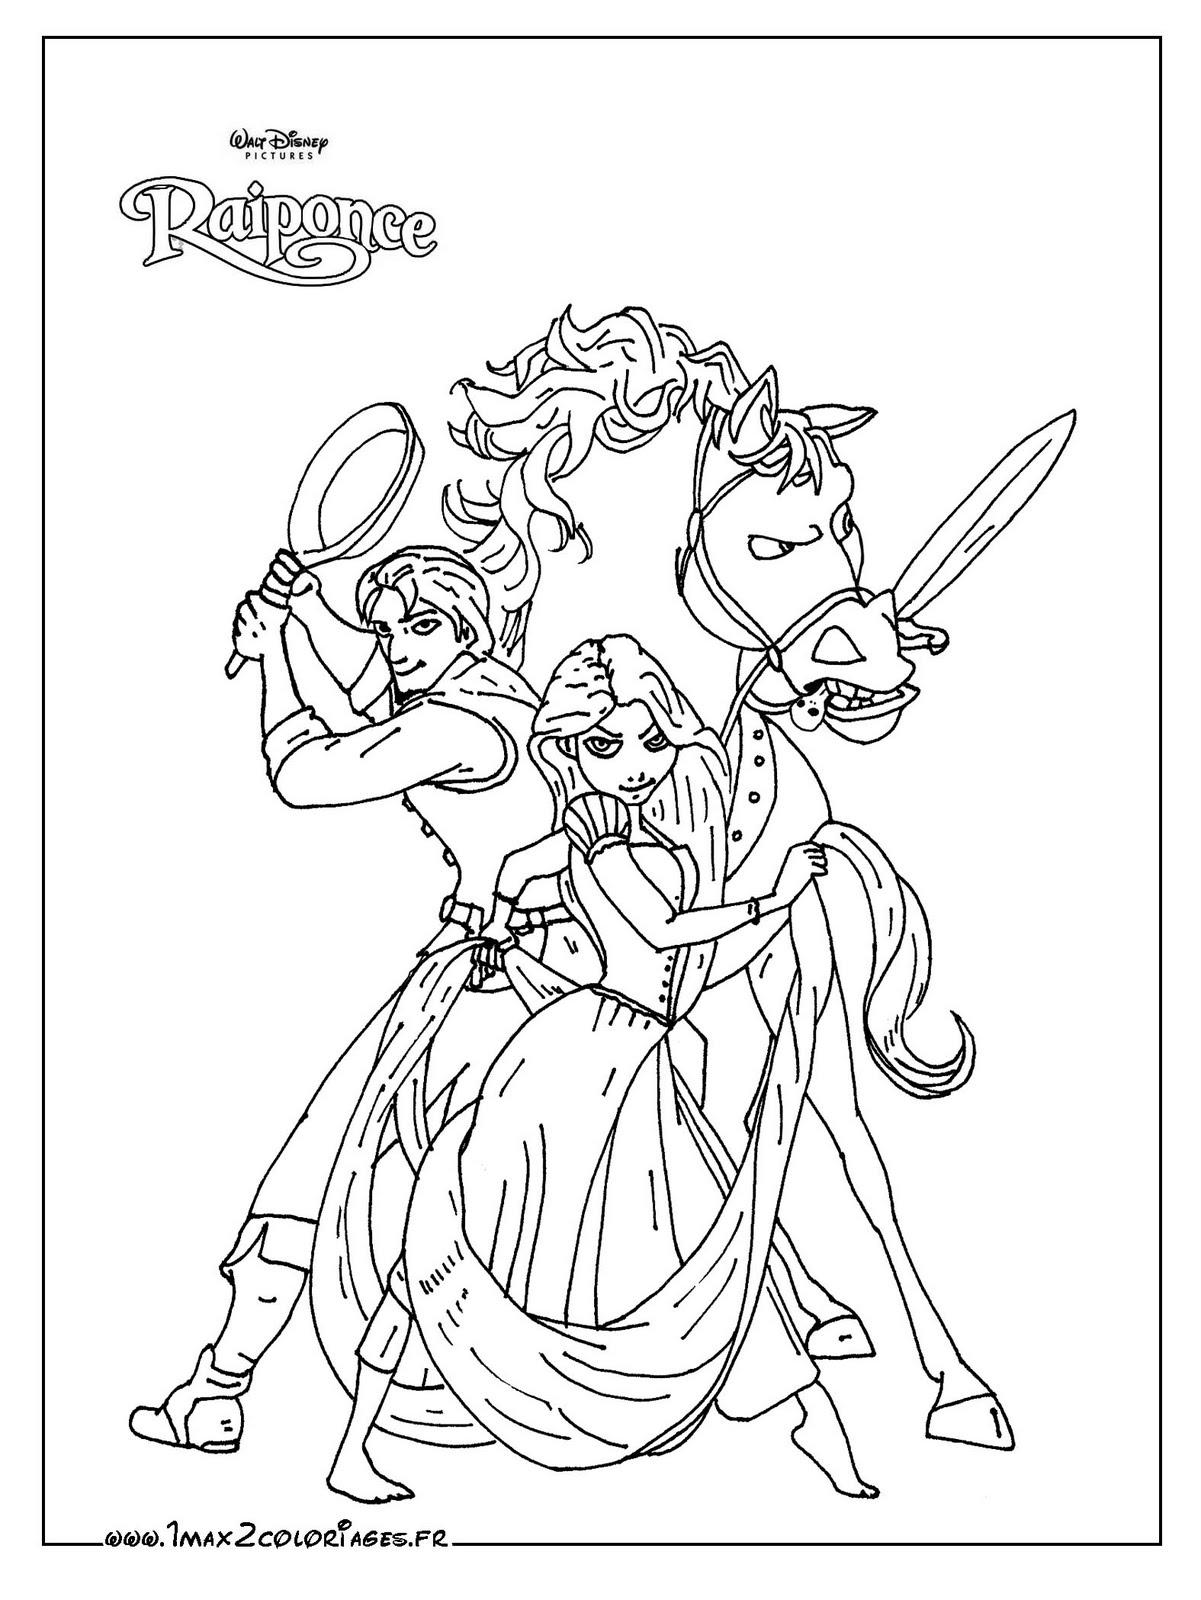 Desenhos Do Filme Da Disney Rapunzel Desenhos